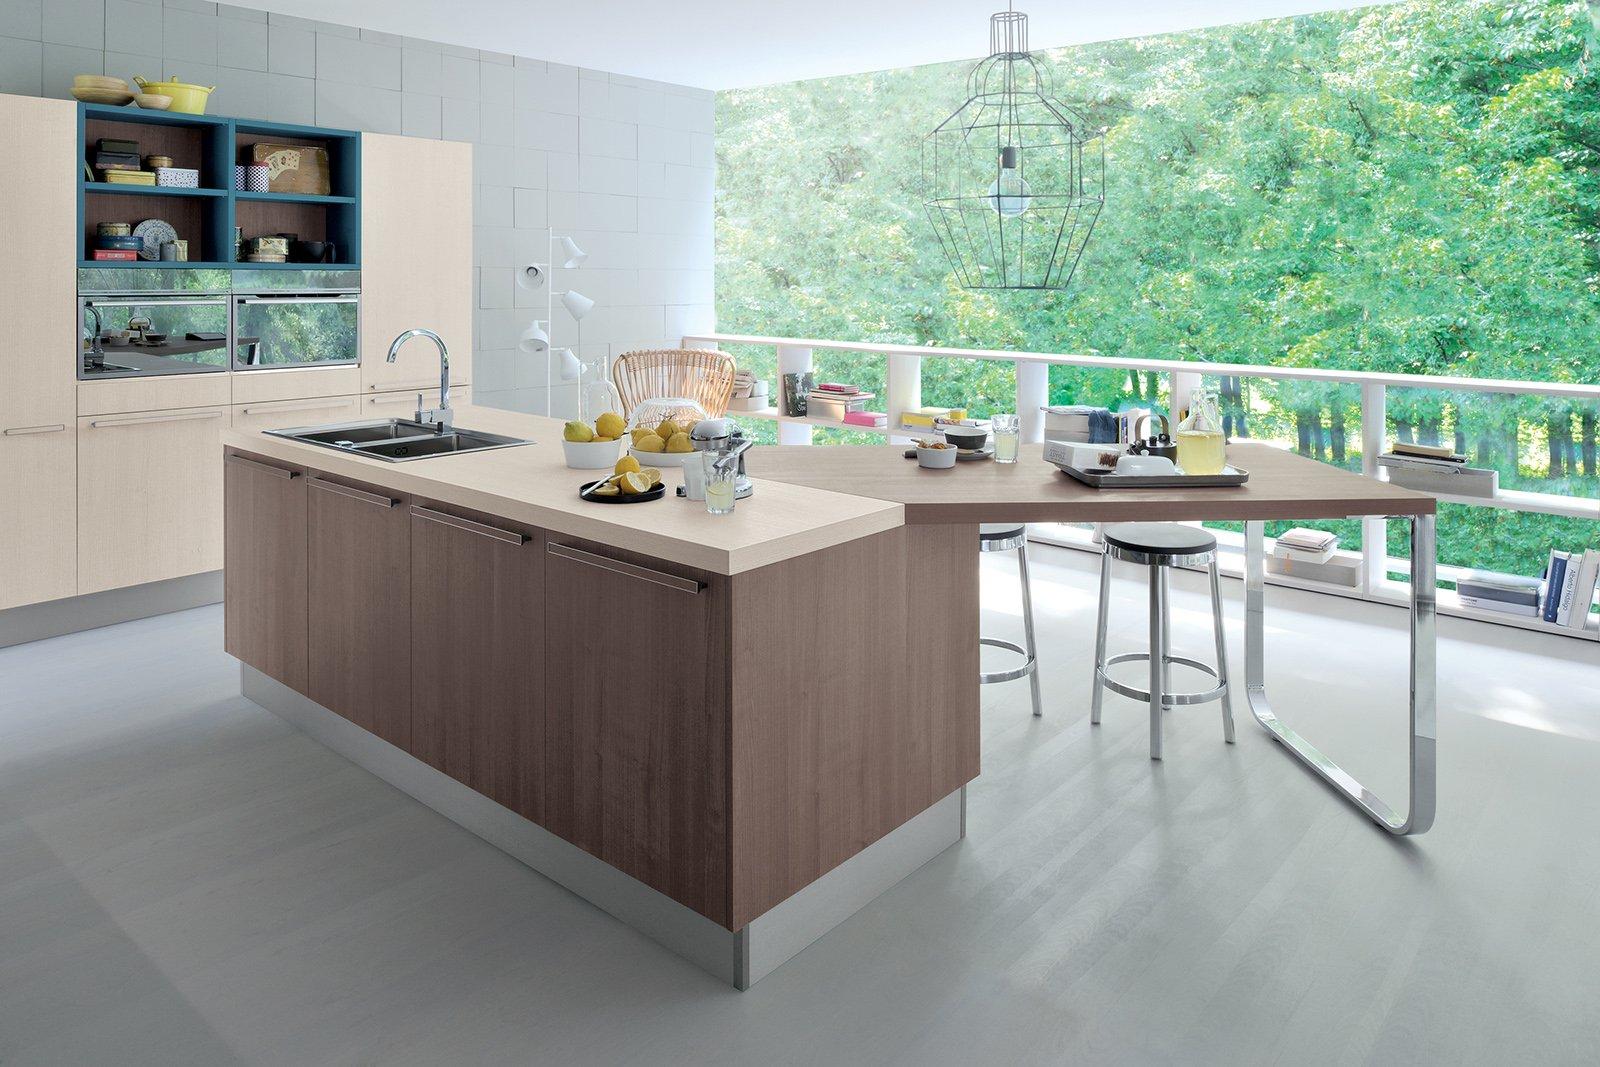 Case di legno usate nuove cucine con maniglia protagonista cose di casa cavallo disegno per - Cucine usate catania ...